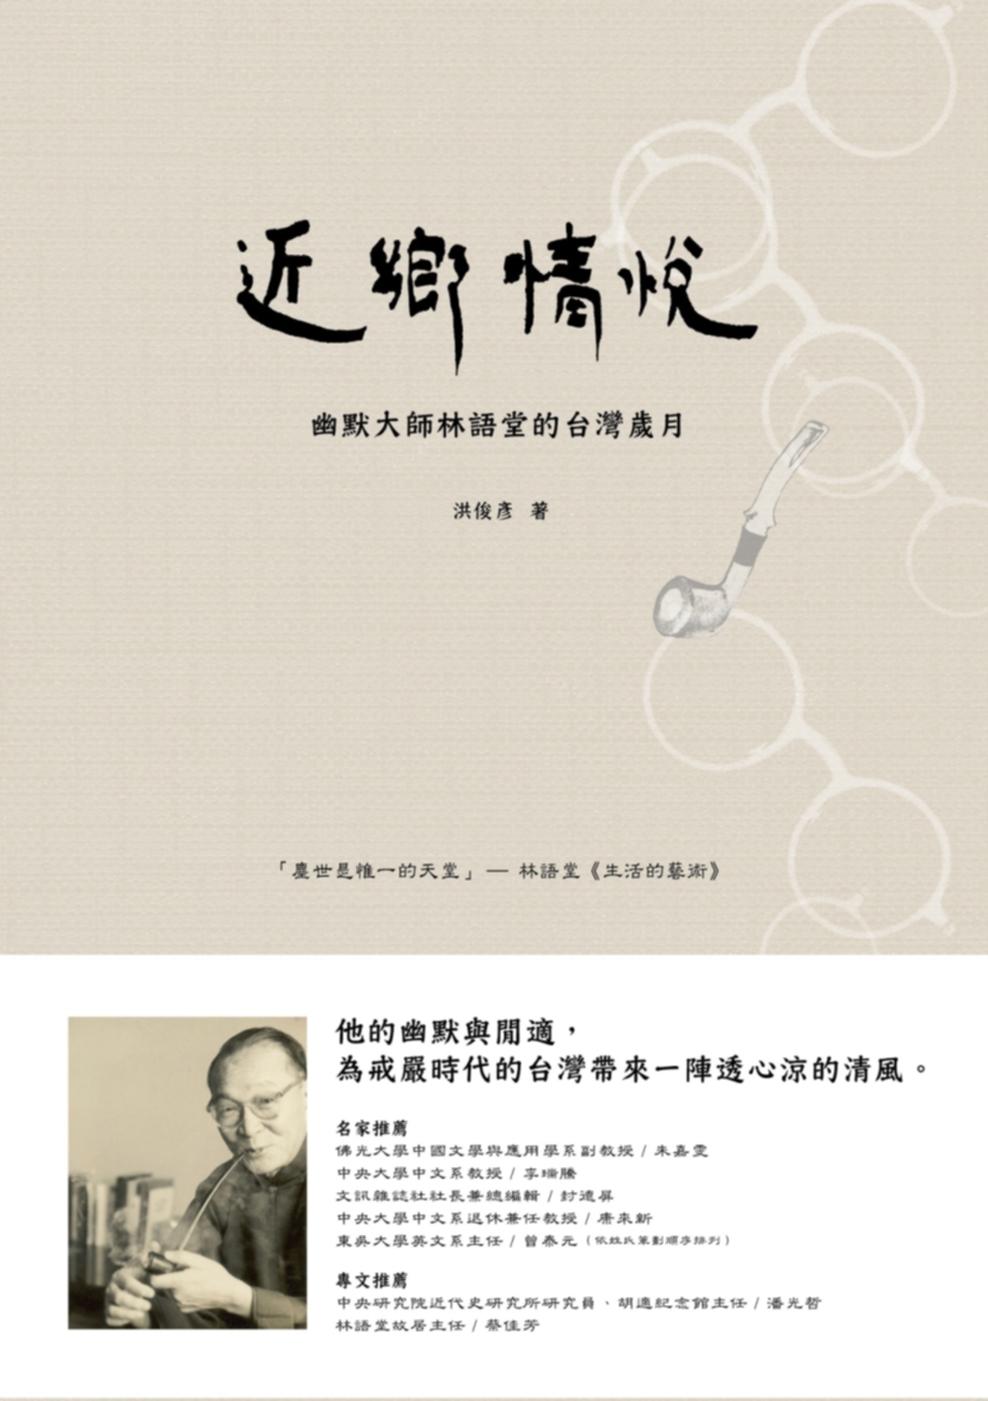 近鄉情悅:幽默大師林語堂的台灣歲月